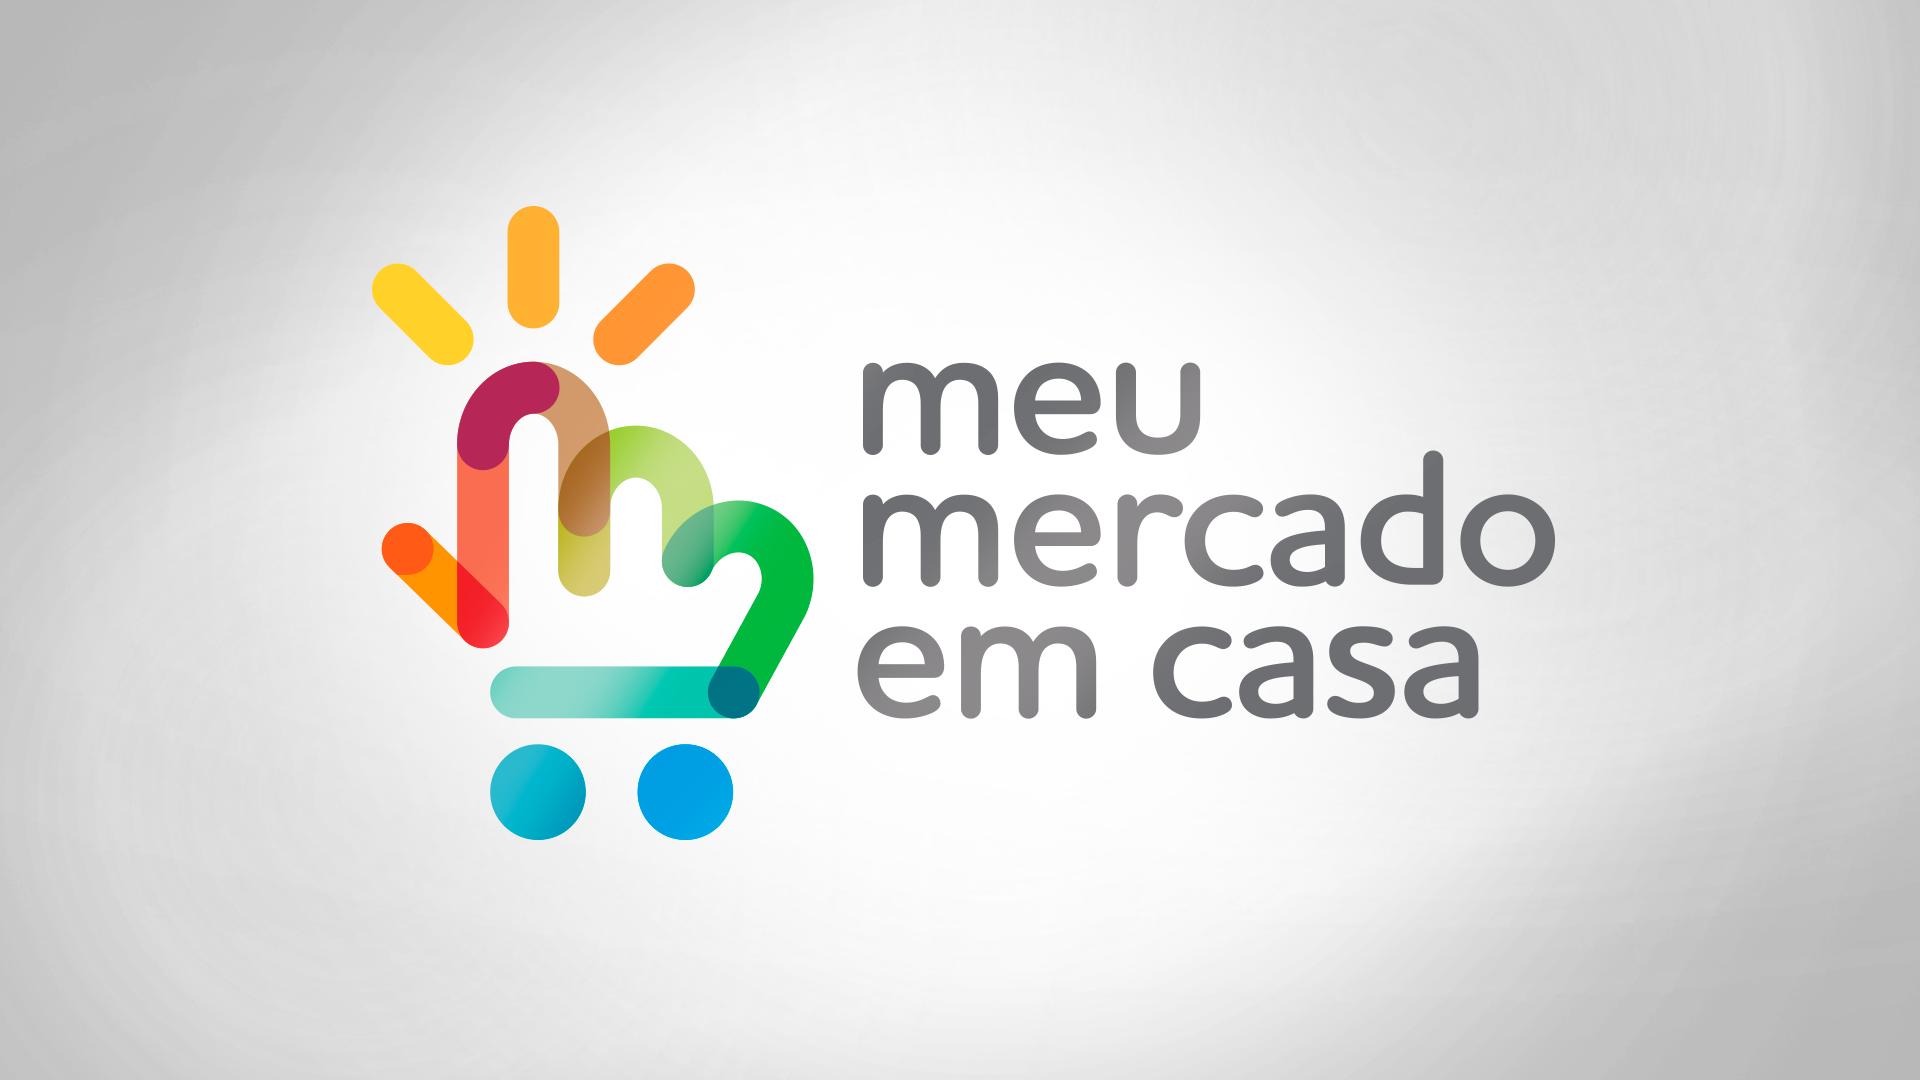 Unilever / Meu Mercado em Casa on Behance